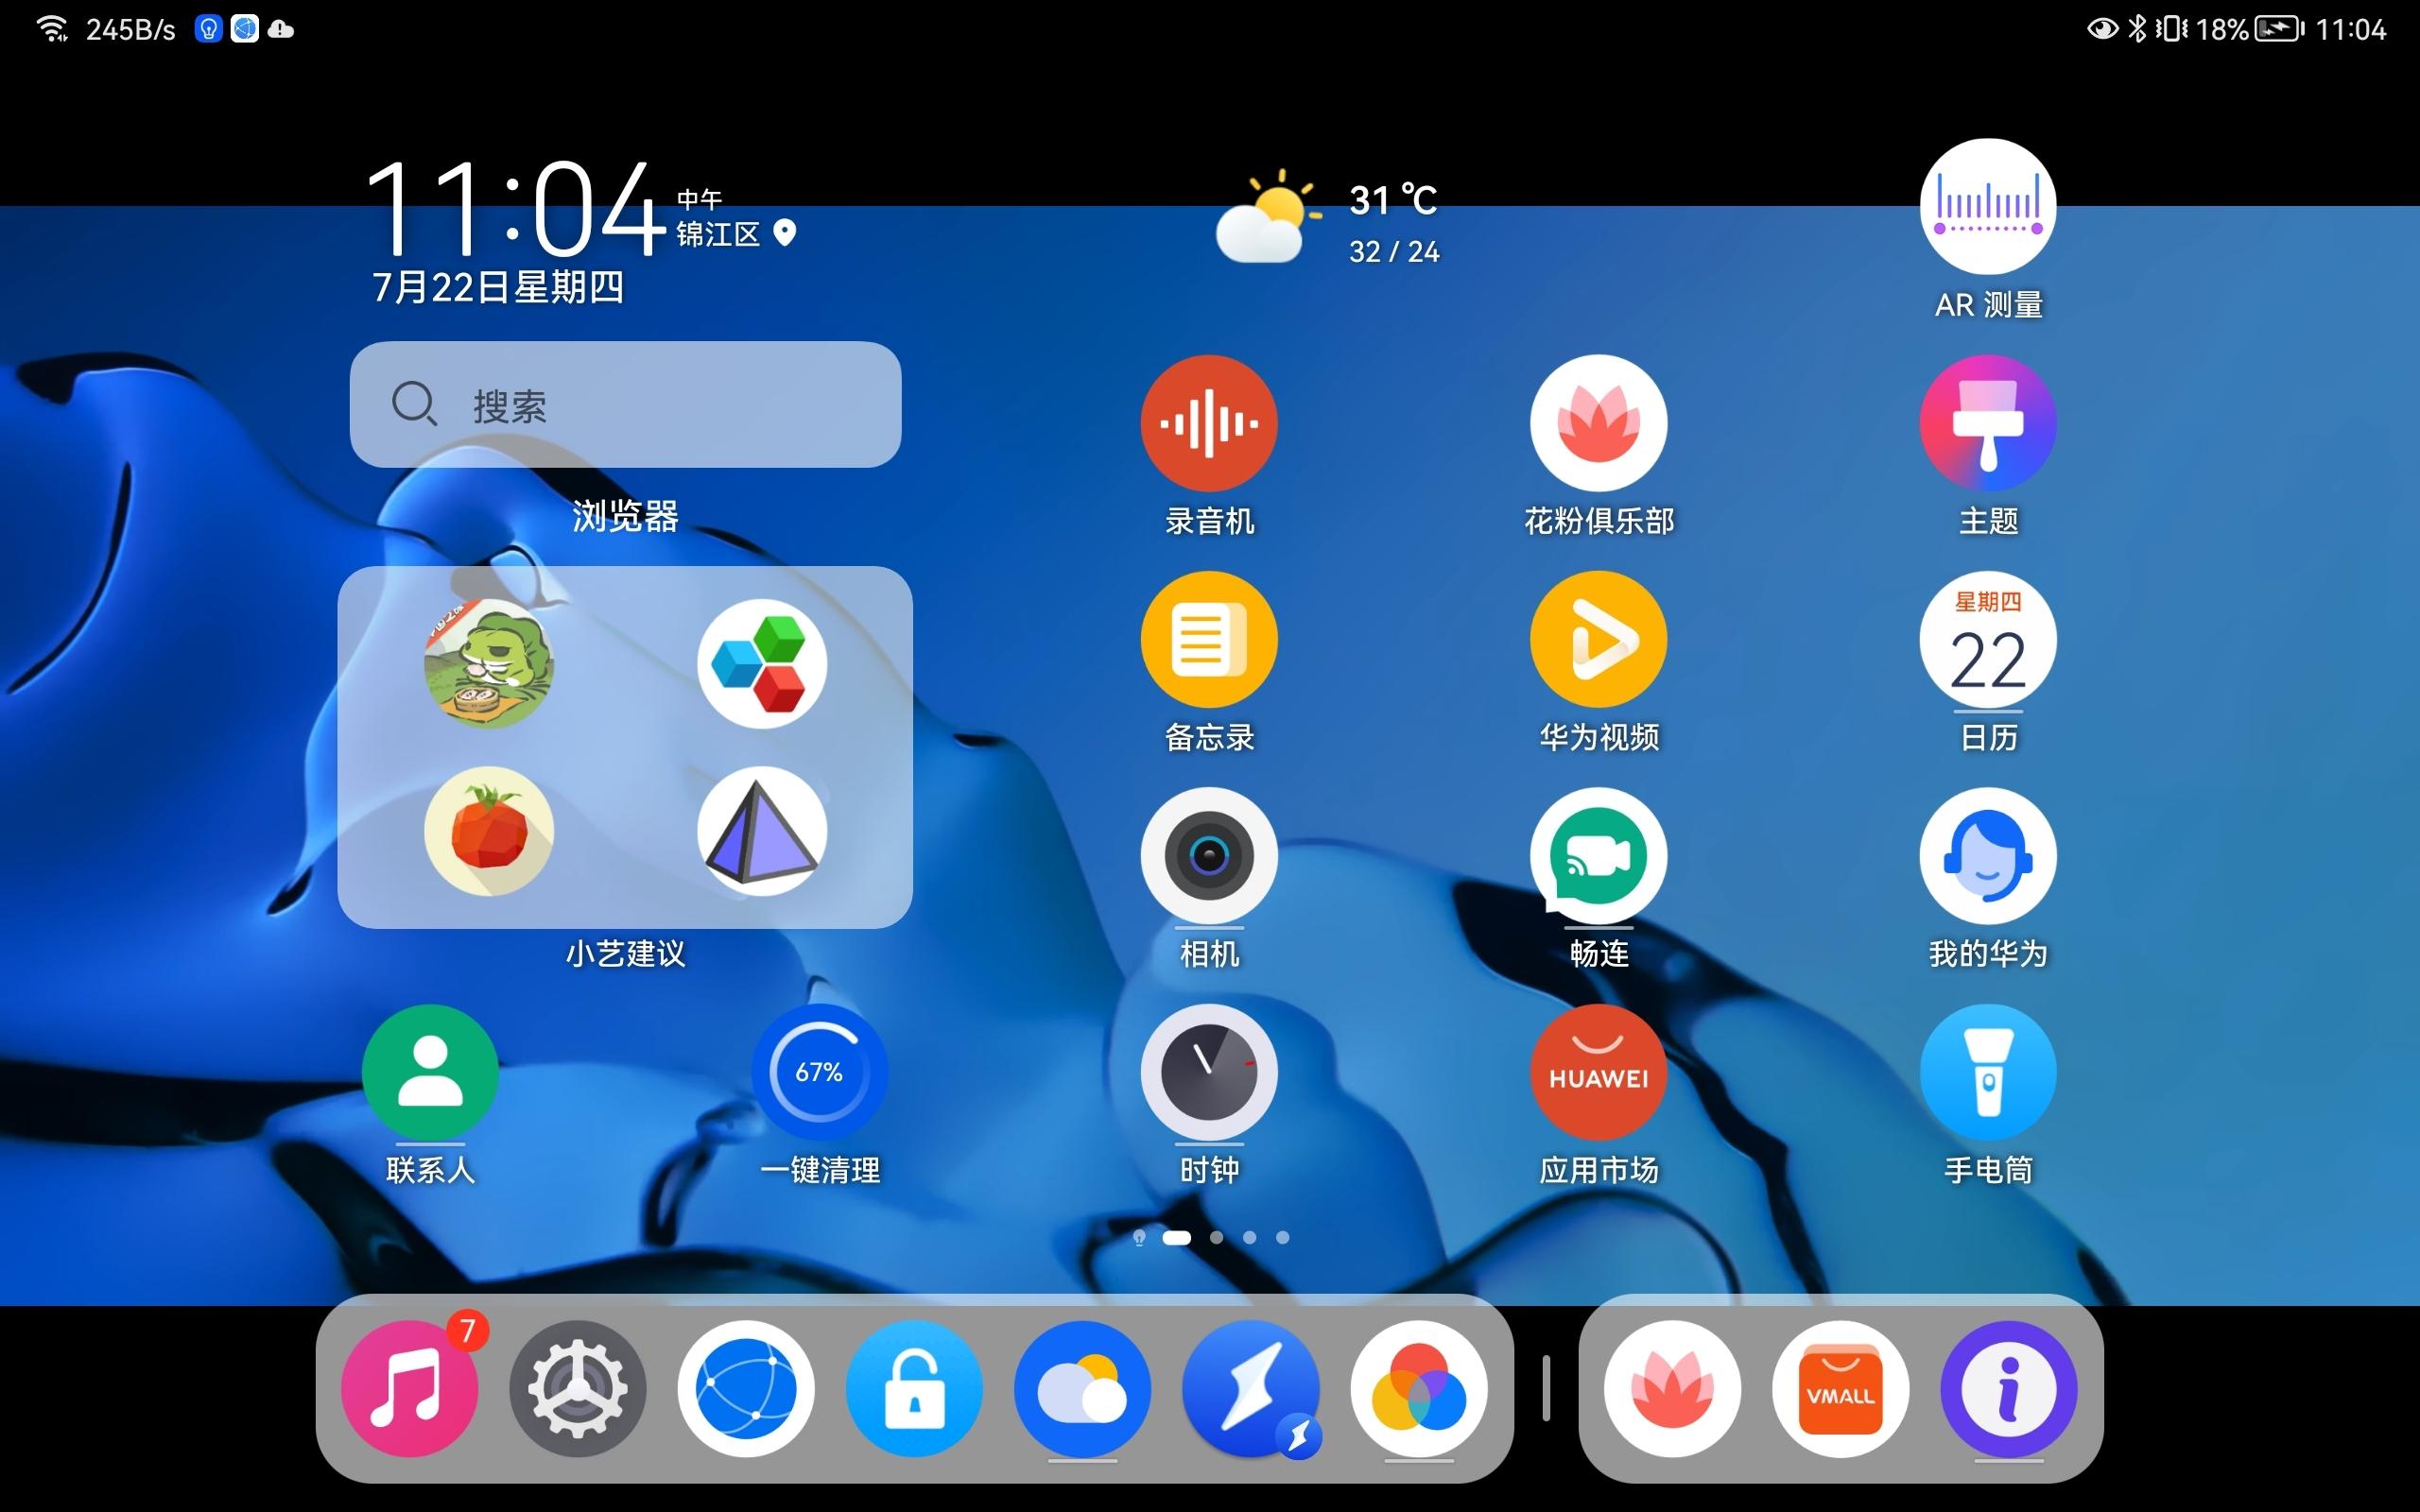 Screenshot_20210722_110414_com.huawei.android.launcher.jpg